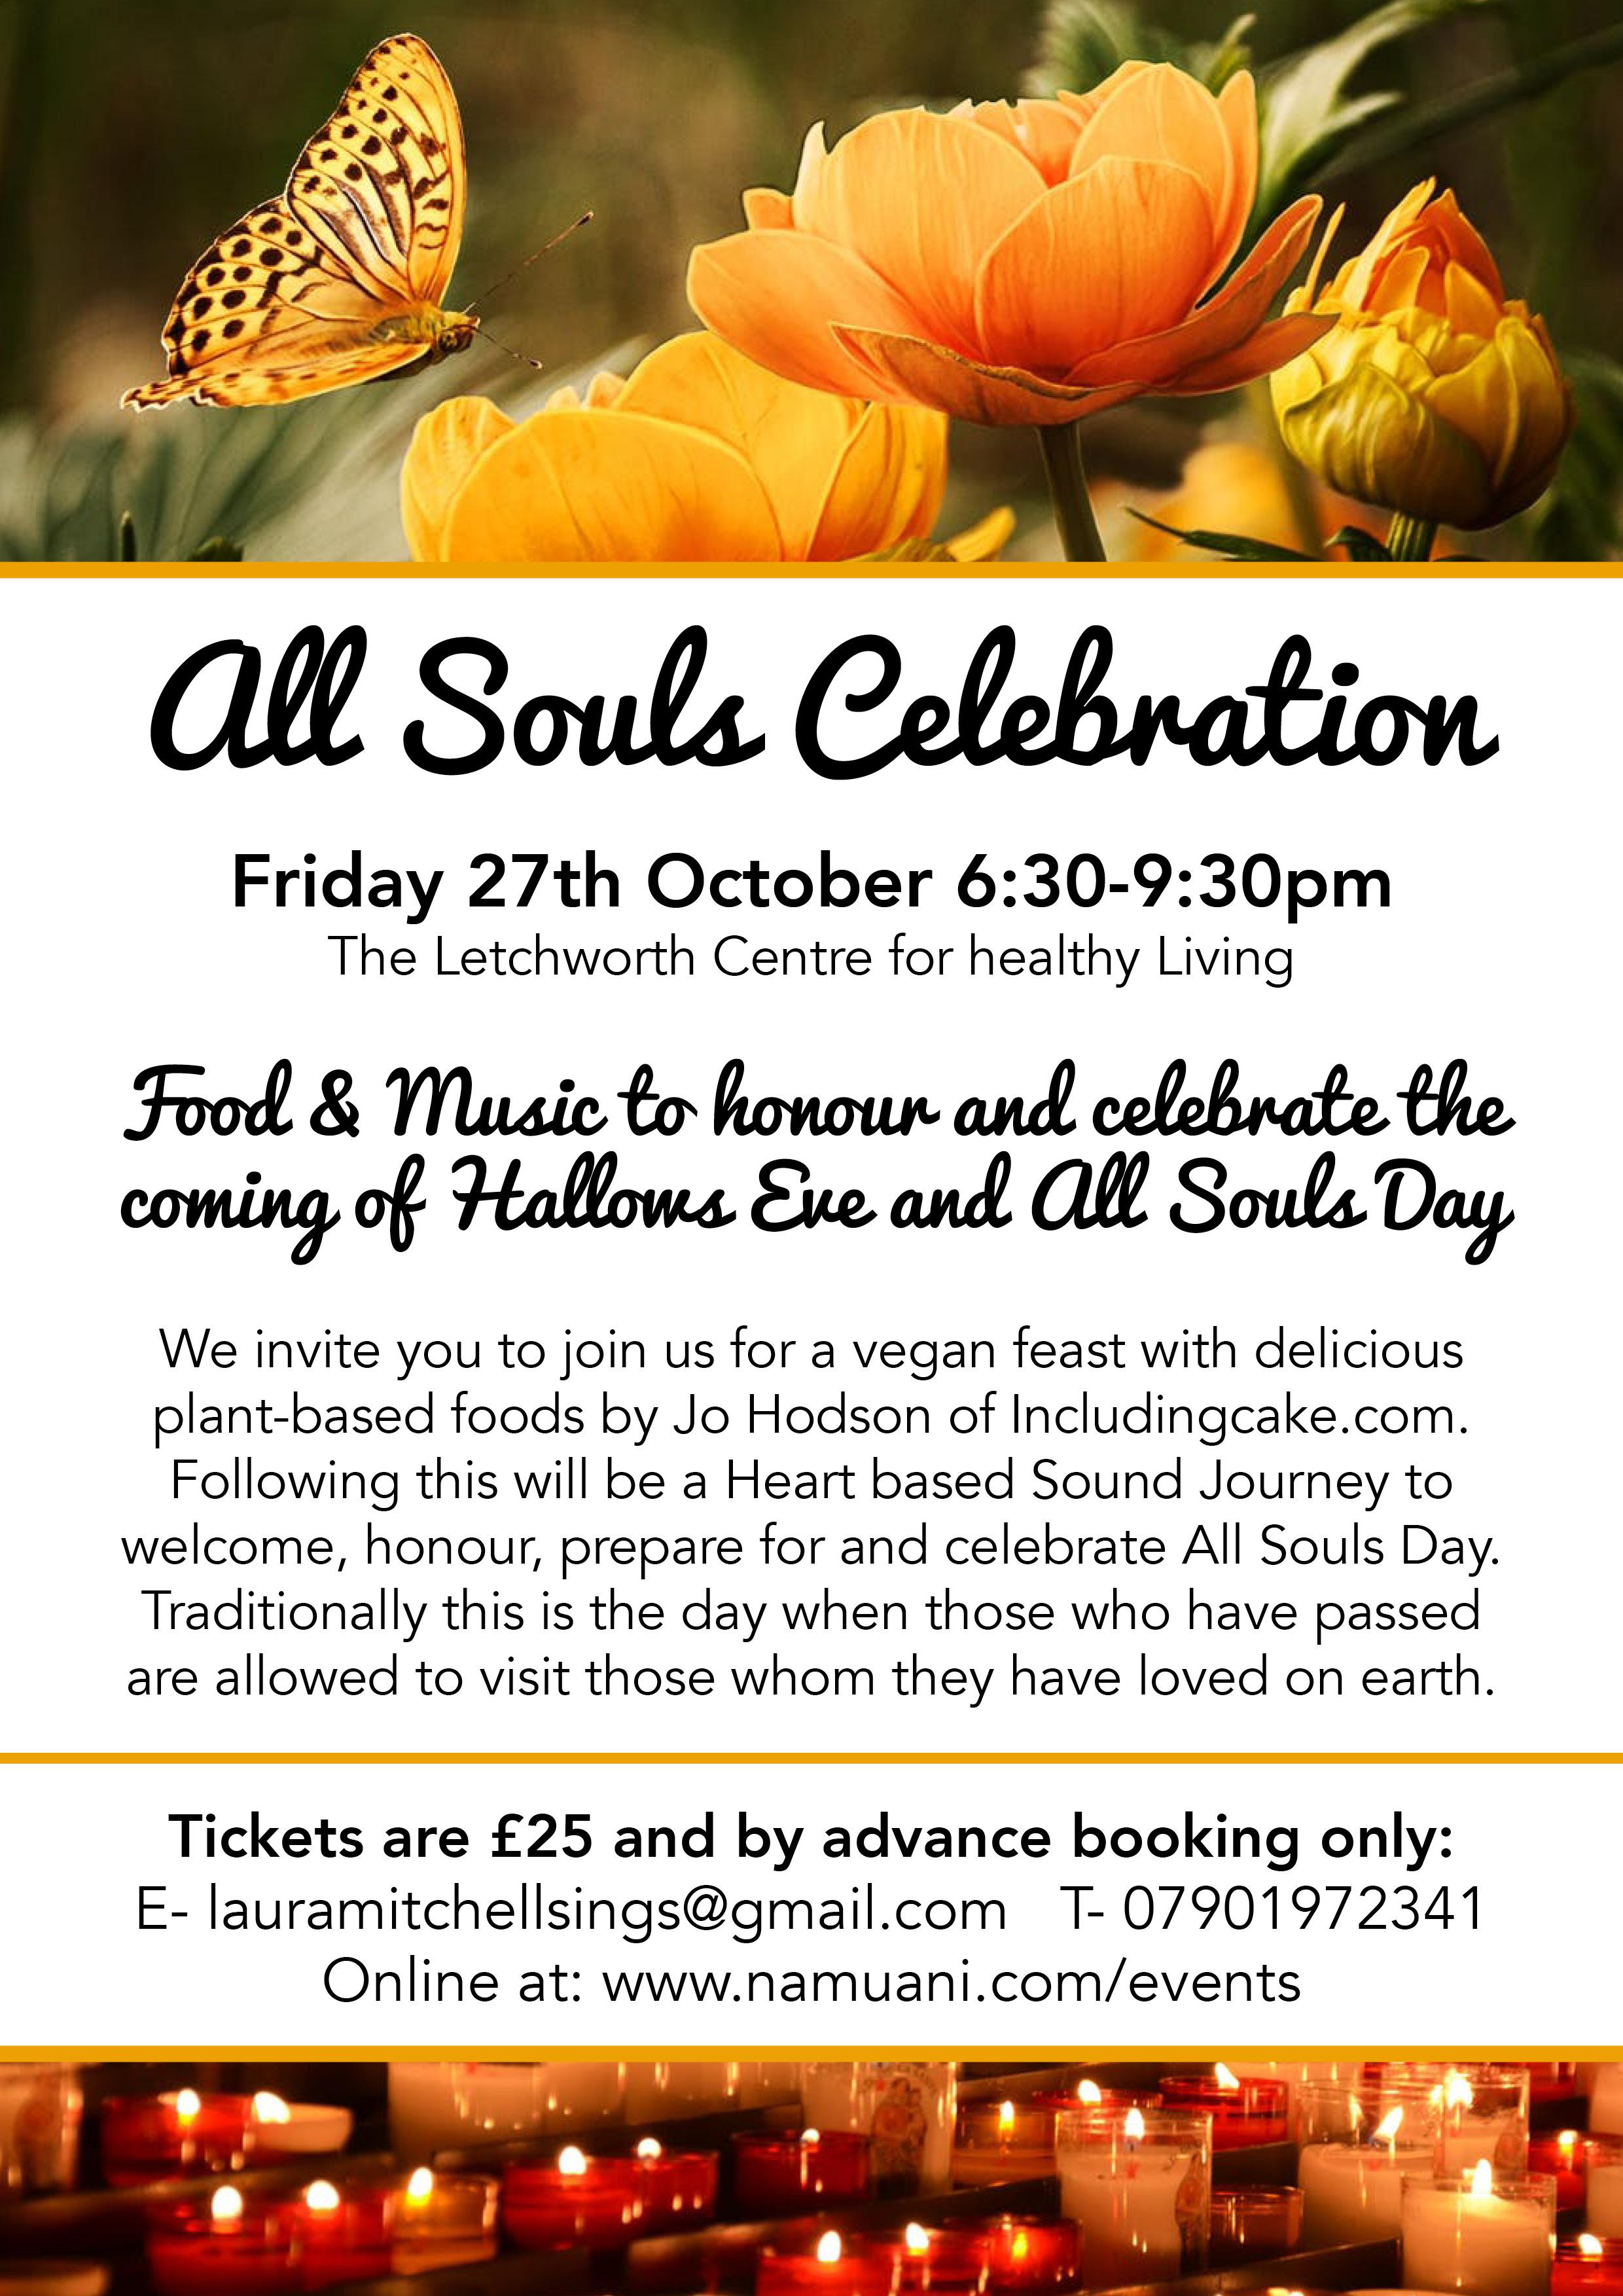 Laura all souls celebration.jpg